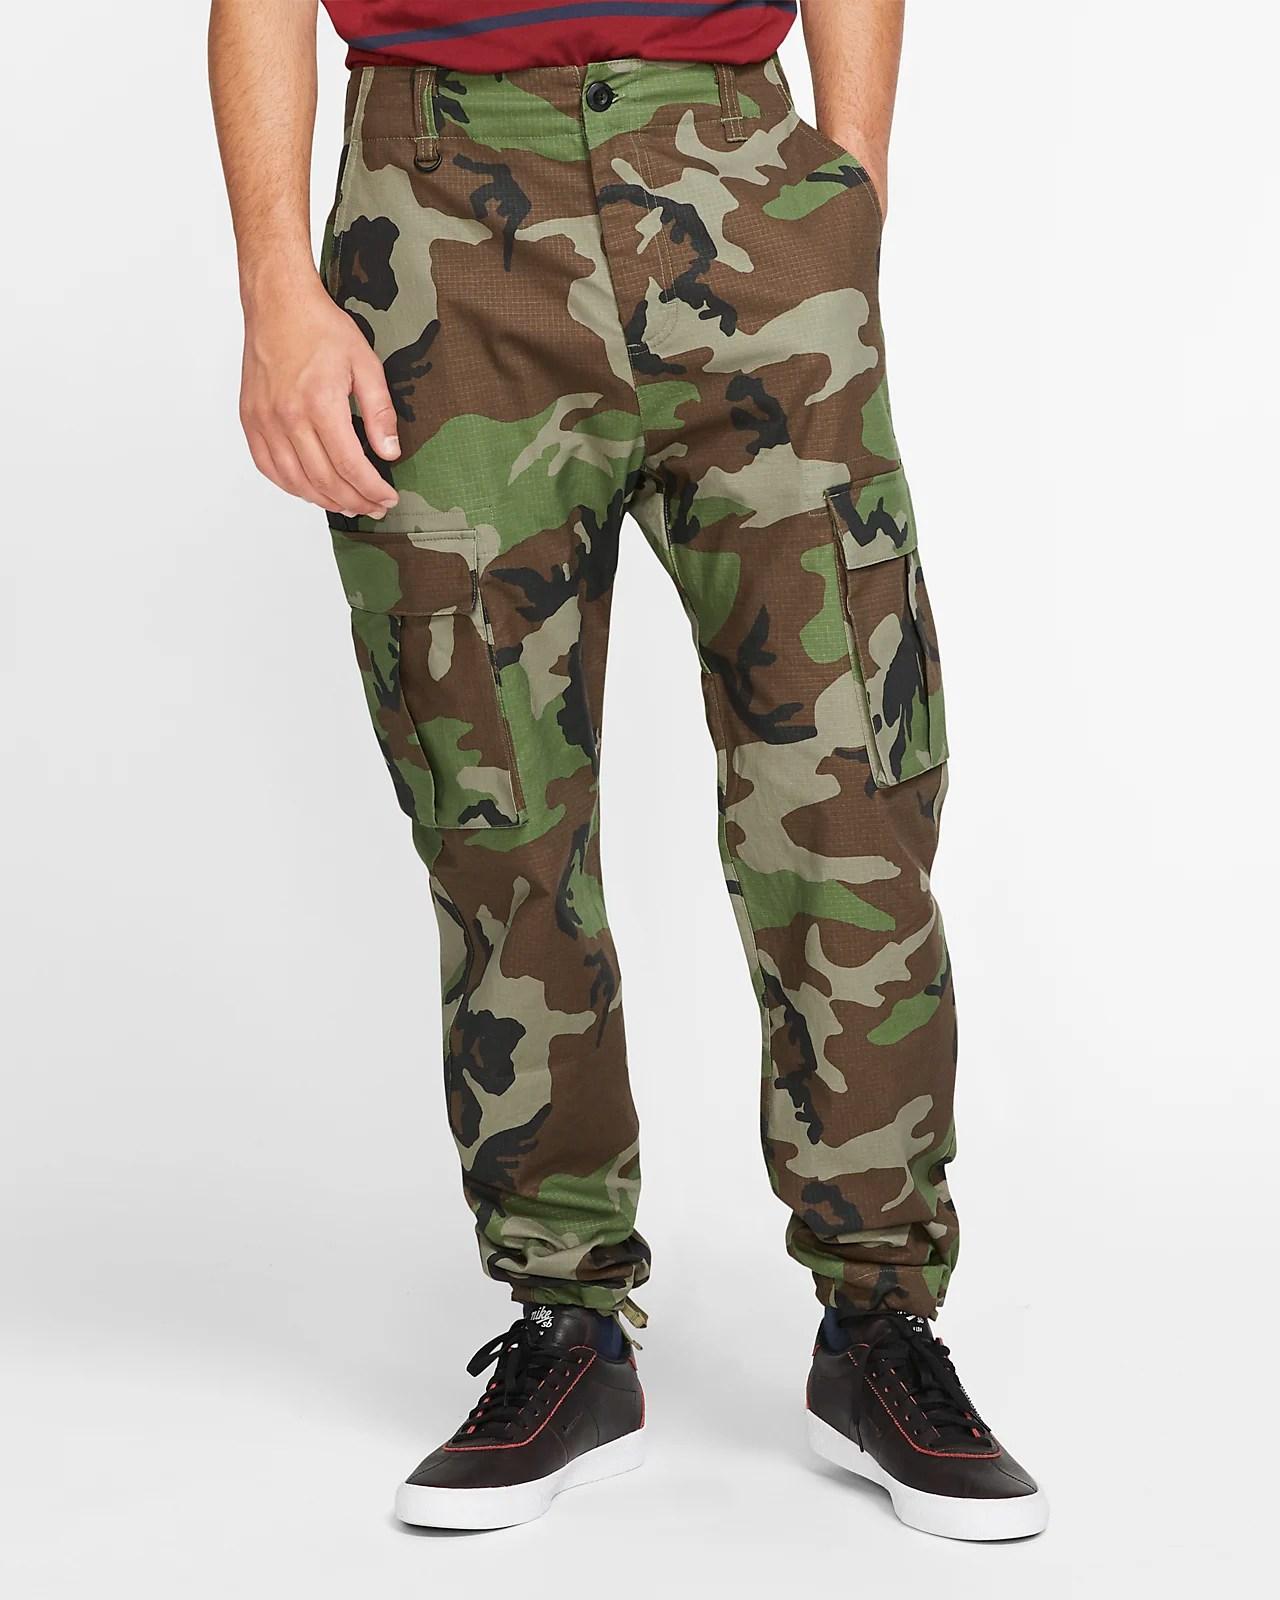 Camouflage Nike Shorts